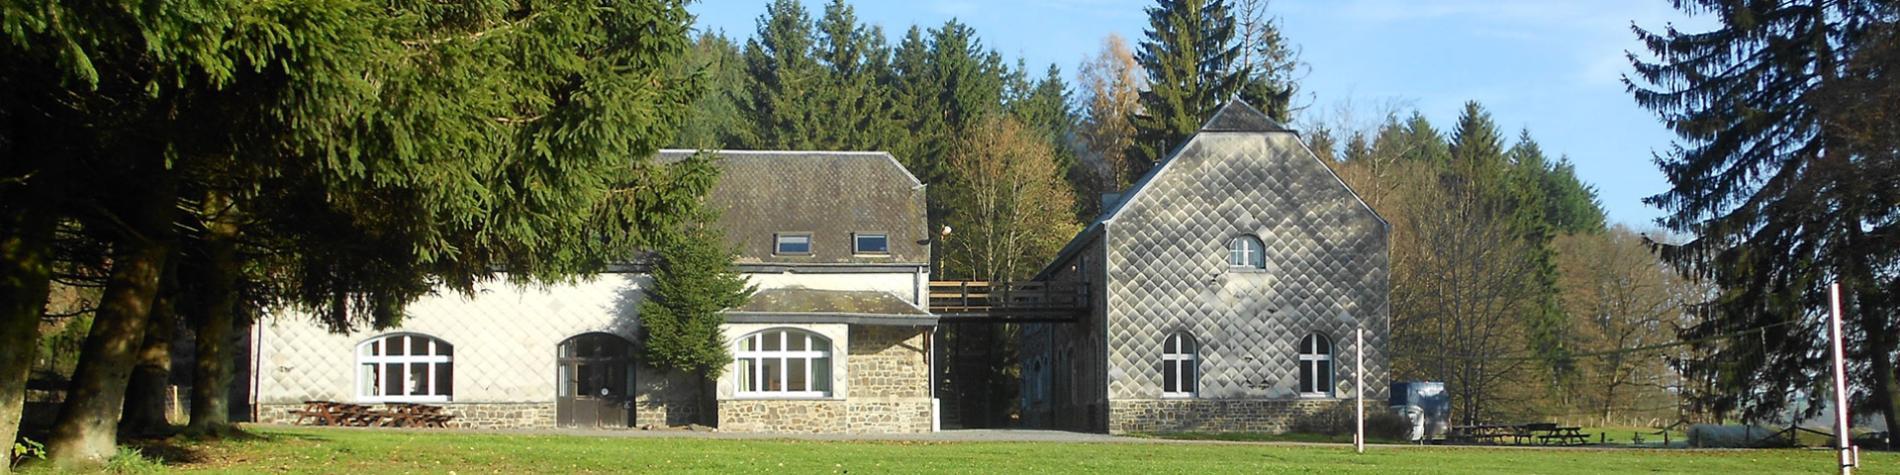 Gîte d'Étape - KALEO - Basseilles - Sapinière - Hébergement - séjours - activités